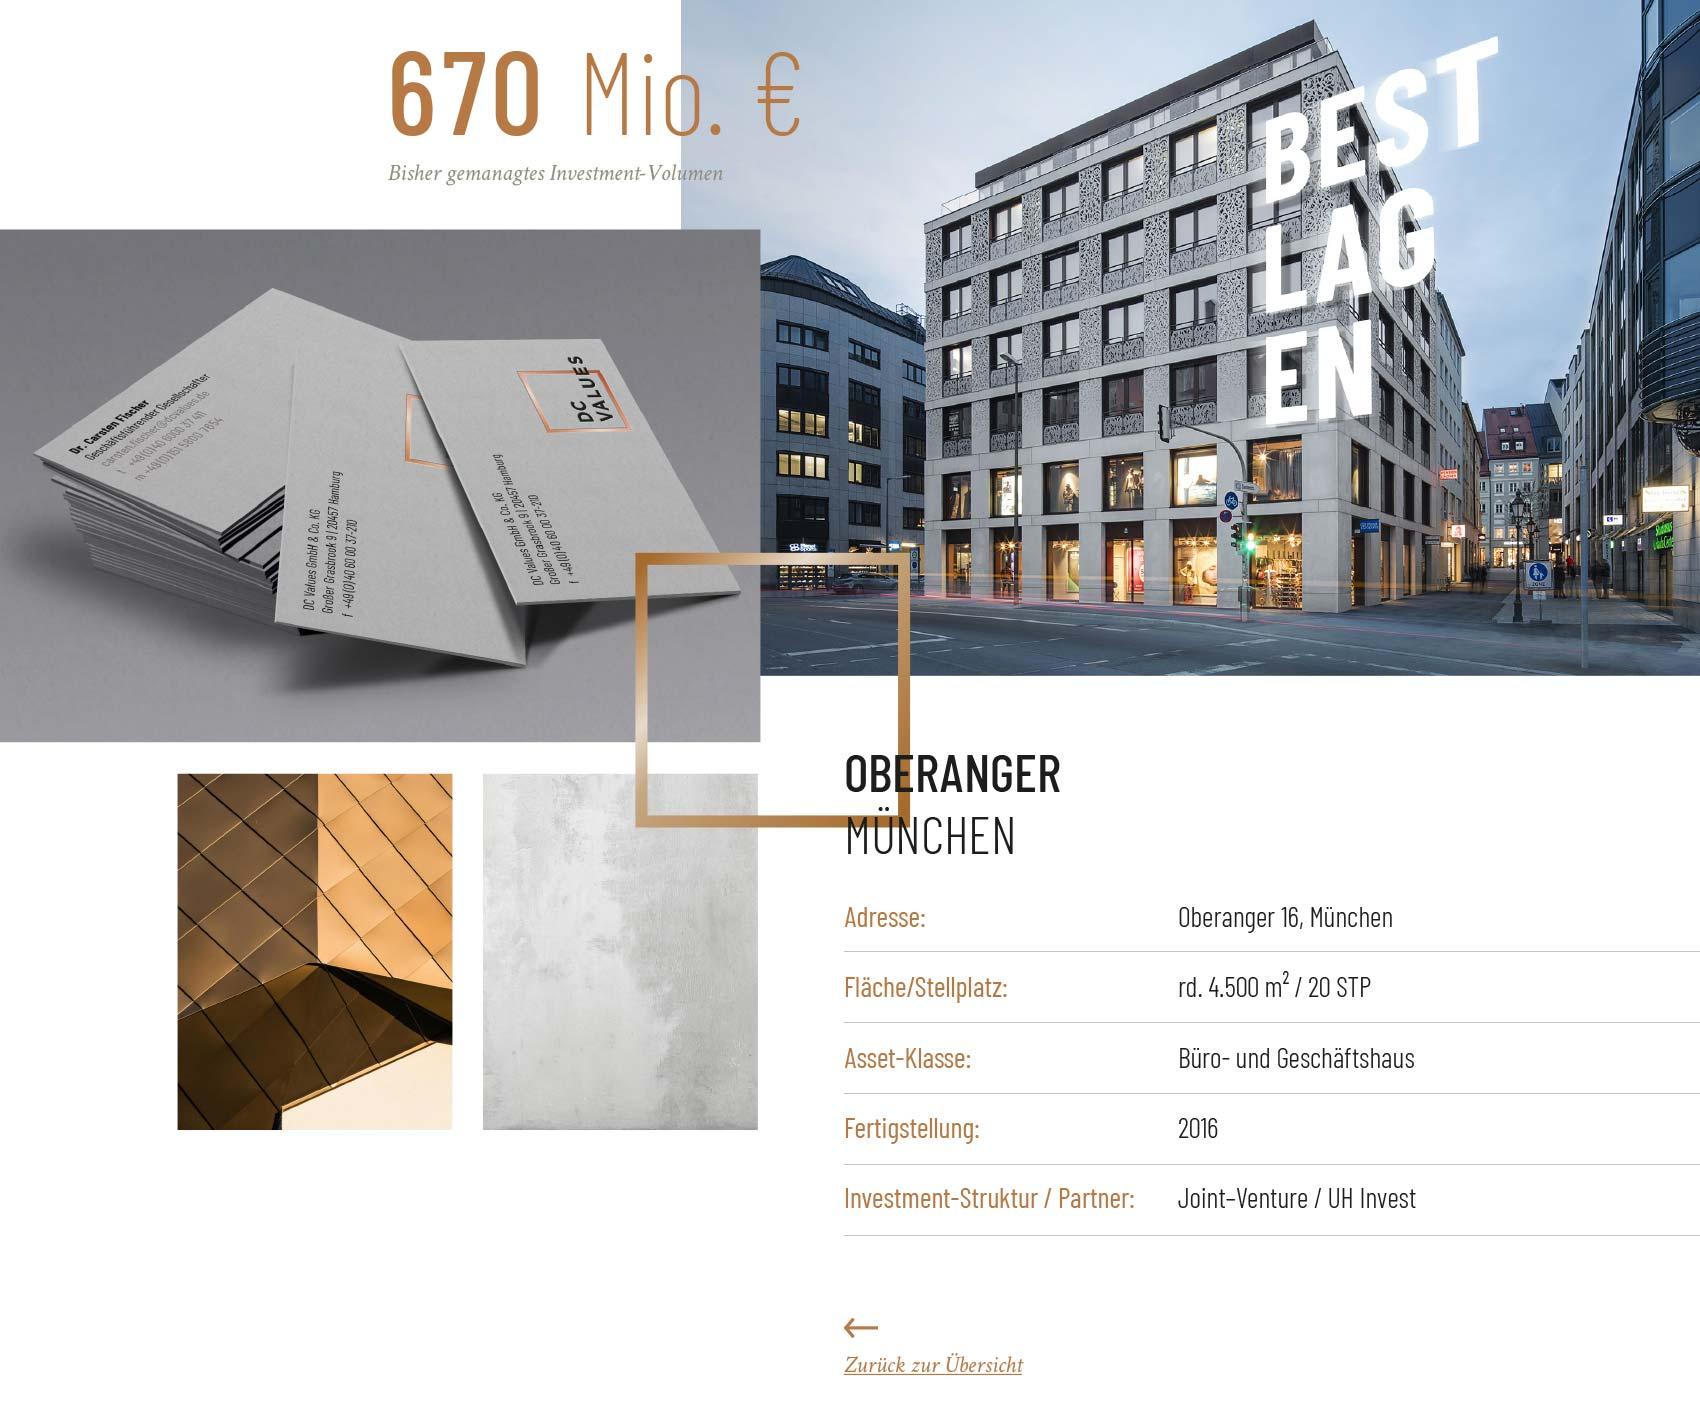 susanngreuel-dcvalues-corporatedesign-2